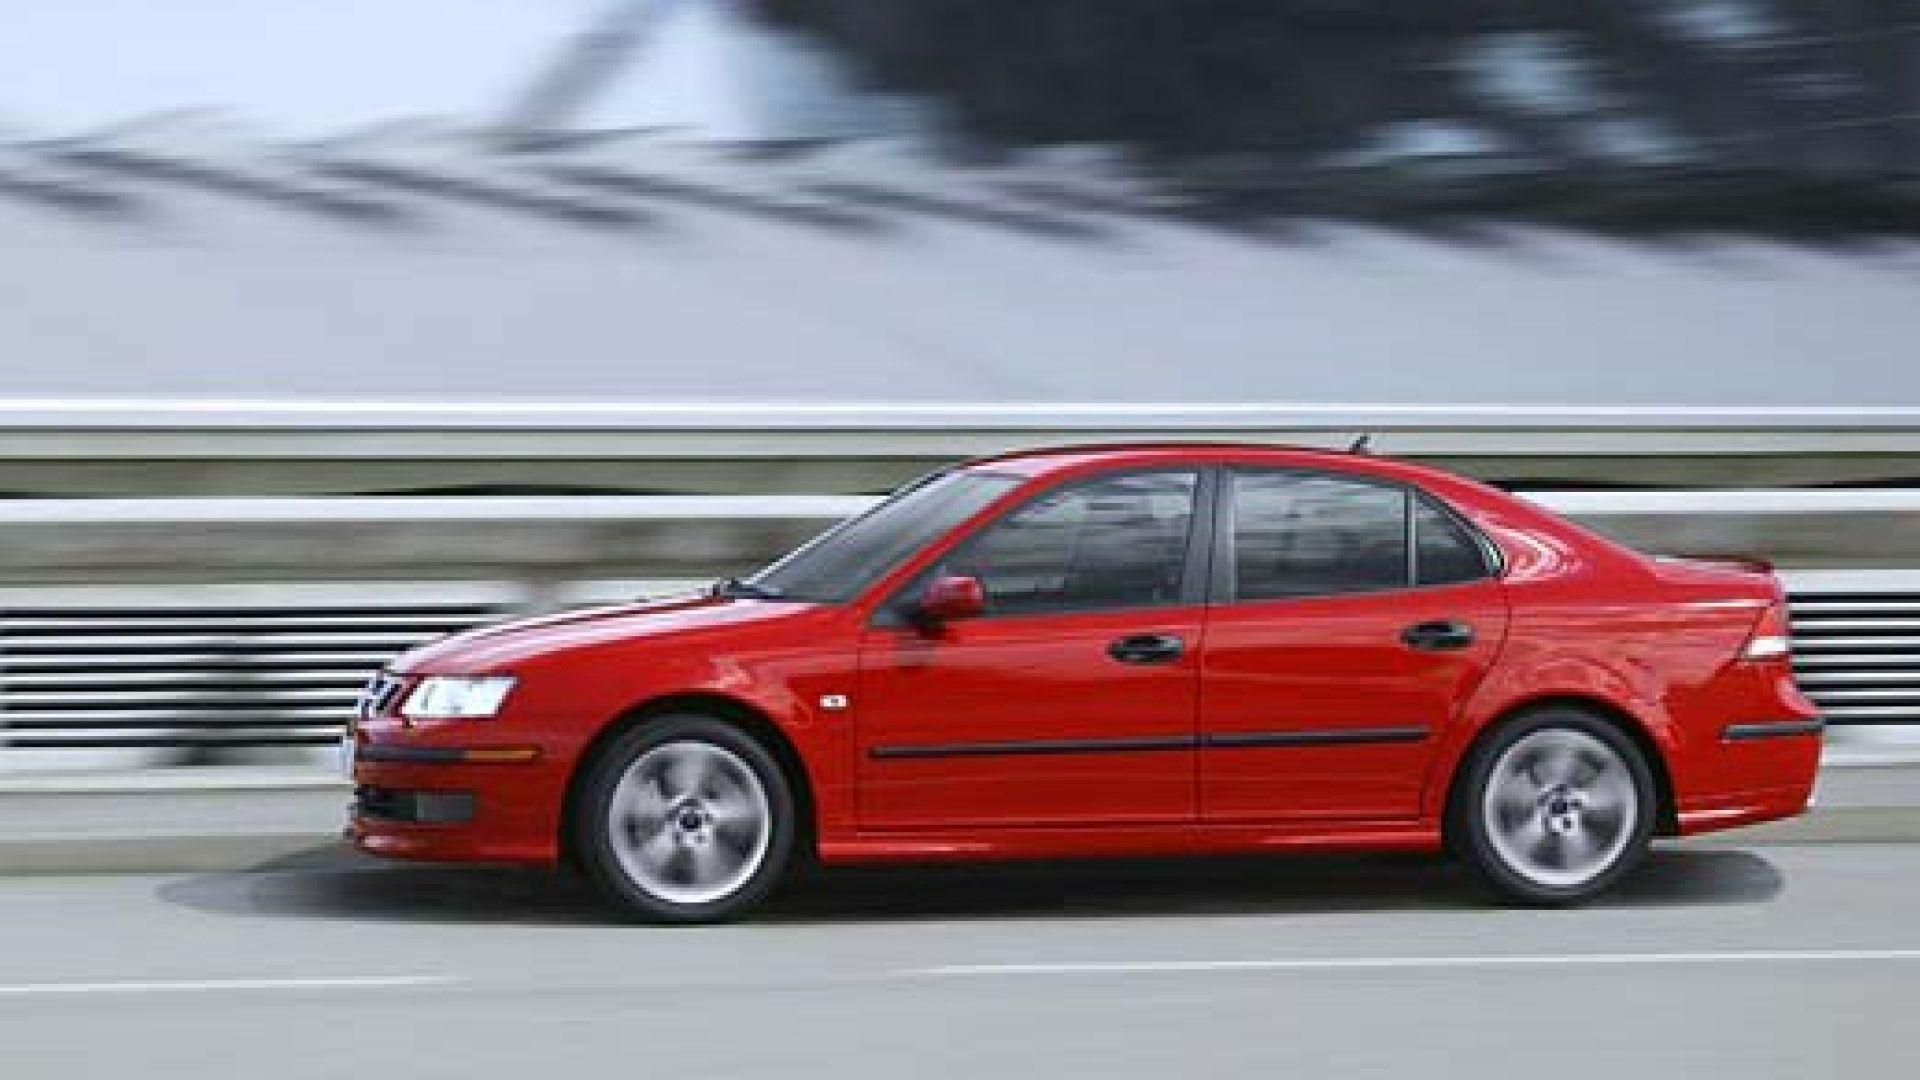 Immagine 26: Anteprima: Saab 9-3 1.9 TiD